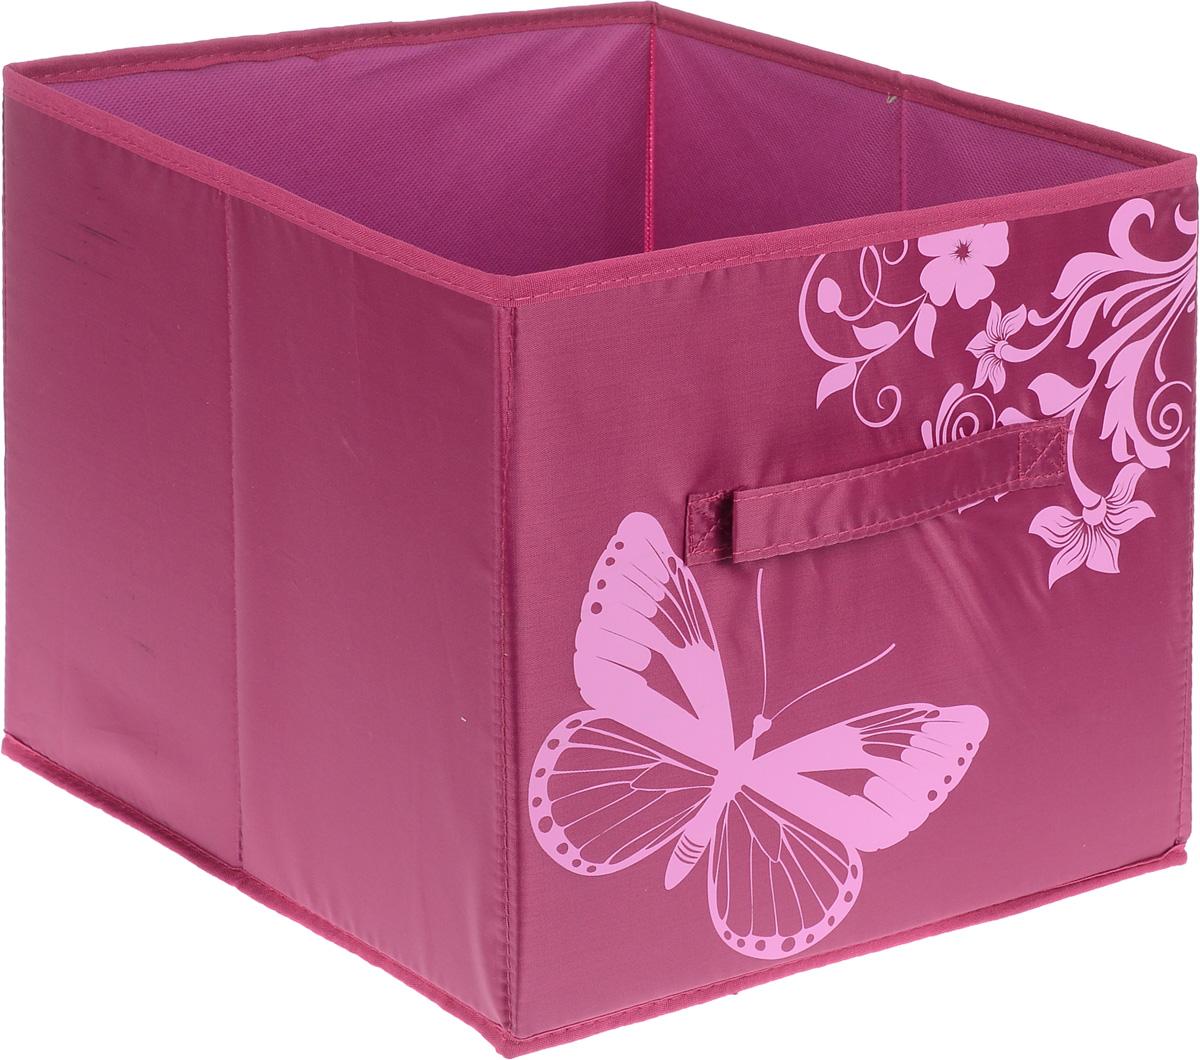 Коробка для хранения Hausmann Butterfly, цвет: фуксия, розовый, 34 х 31 х 29,5 см4P-108-4С_фуксияКоробка для хранения Hausmann Butterfly поможет легко организовать пространство в шкафу или в гардеробе. Изделие выполнено из нетканого материала и полиэстера с защитой от пыли. Коробка держит форму благодаря жесткой вставке из картона, которая устанавливается на дно. Боковая поверхность оформлена красивым принтом и изображением бабочки. В такой коробке удобно хранить одежду, текстиль, нижнее белье и различные аксессуары. Коробка может быть использована как выдвижной ящик, имеется ручка.